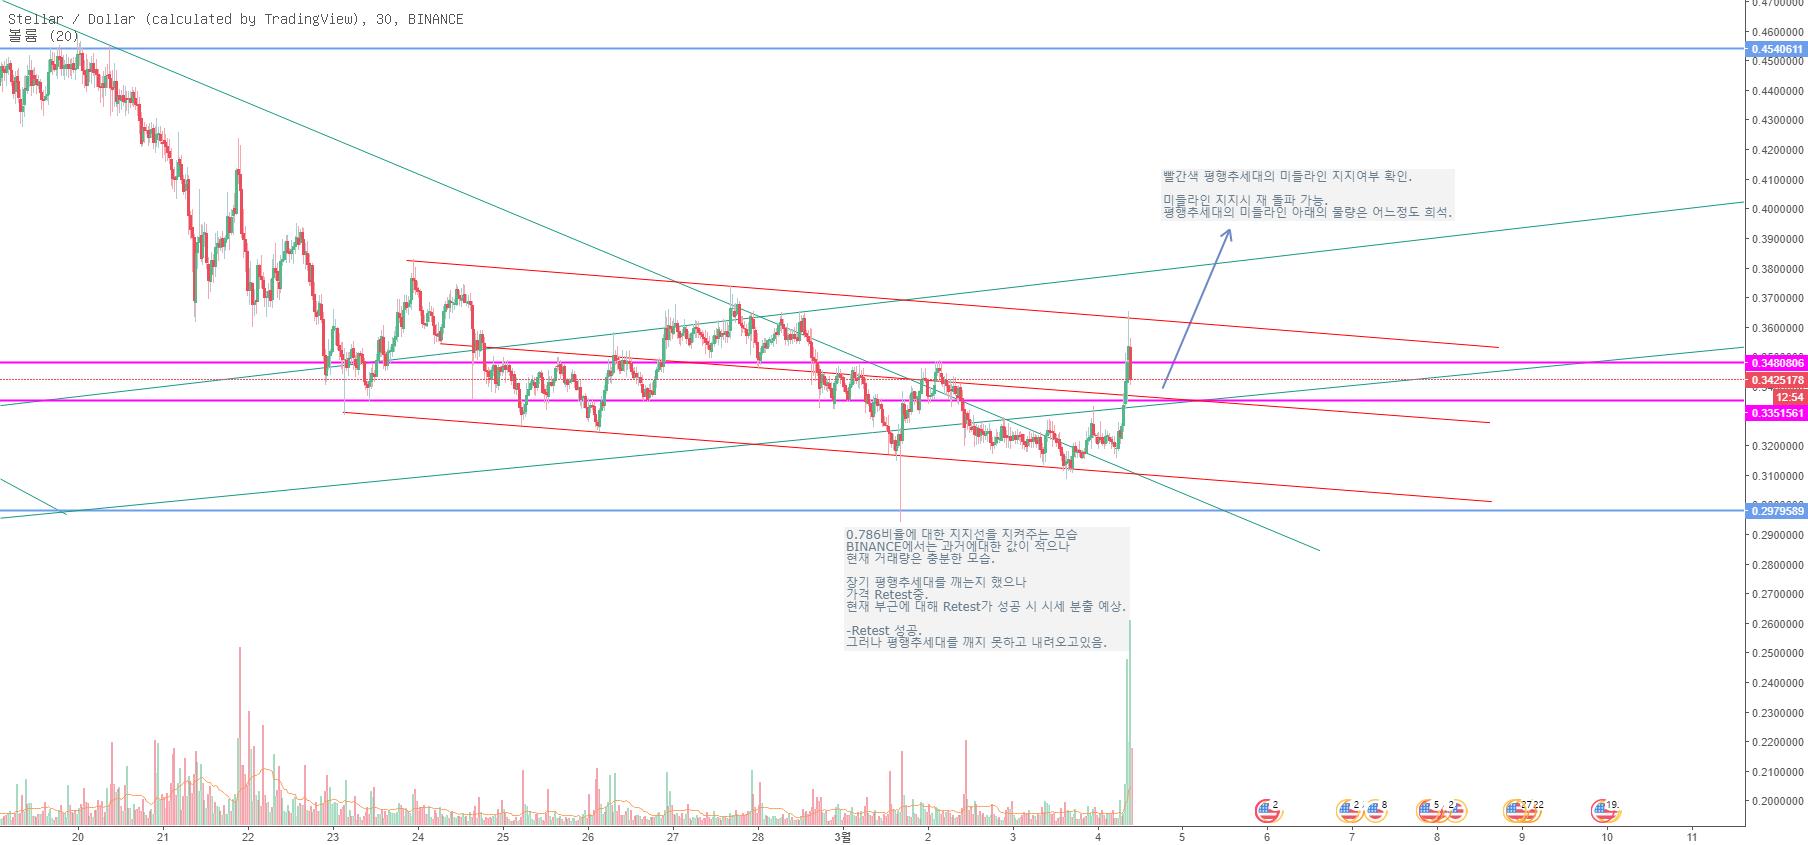 스텔라 루멘(XLM) / 달러(USD)